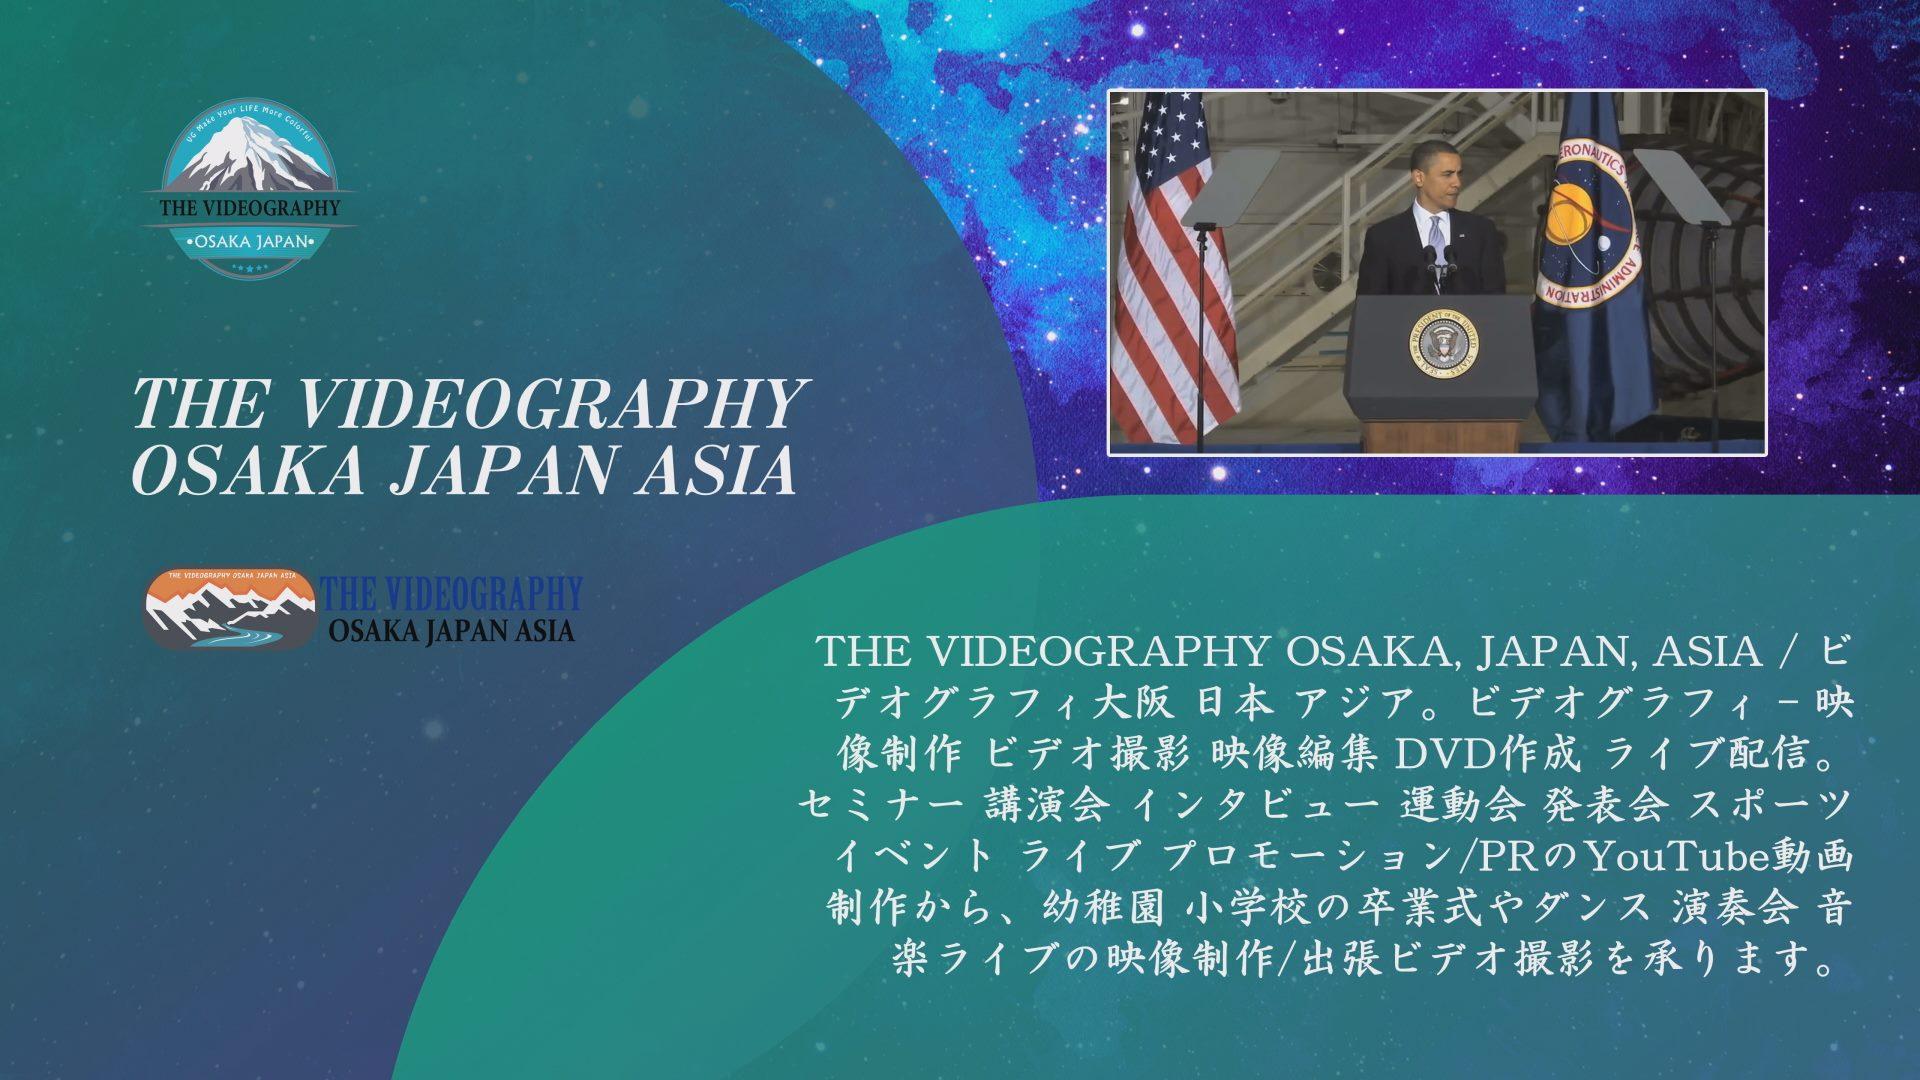 TEDのようなオープニングムービー@講演会 セミナー 法人 ビジネス動画 クロマキー映像のビデオ撮影・動画制作@大阪 神戸 京都 奈良